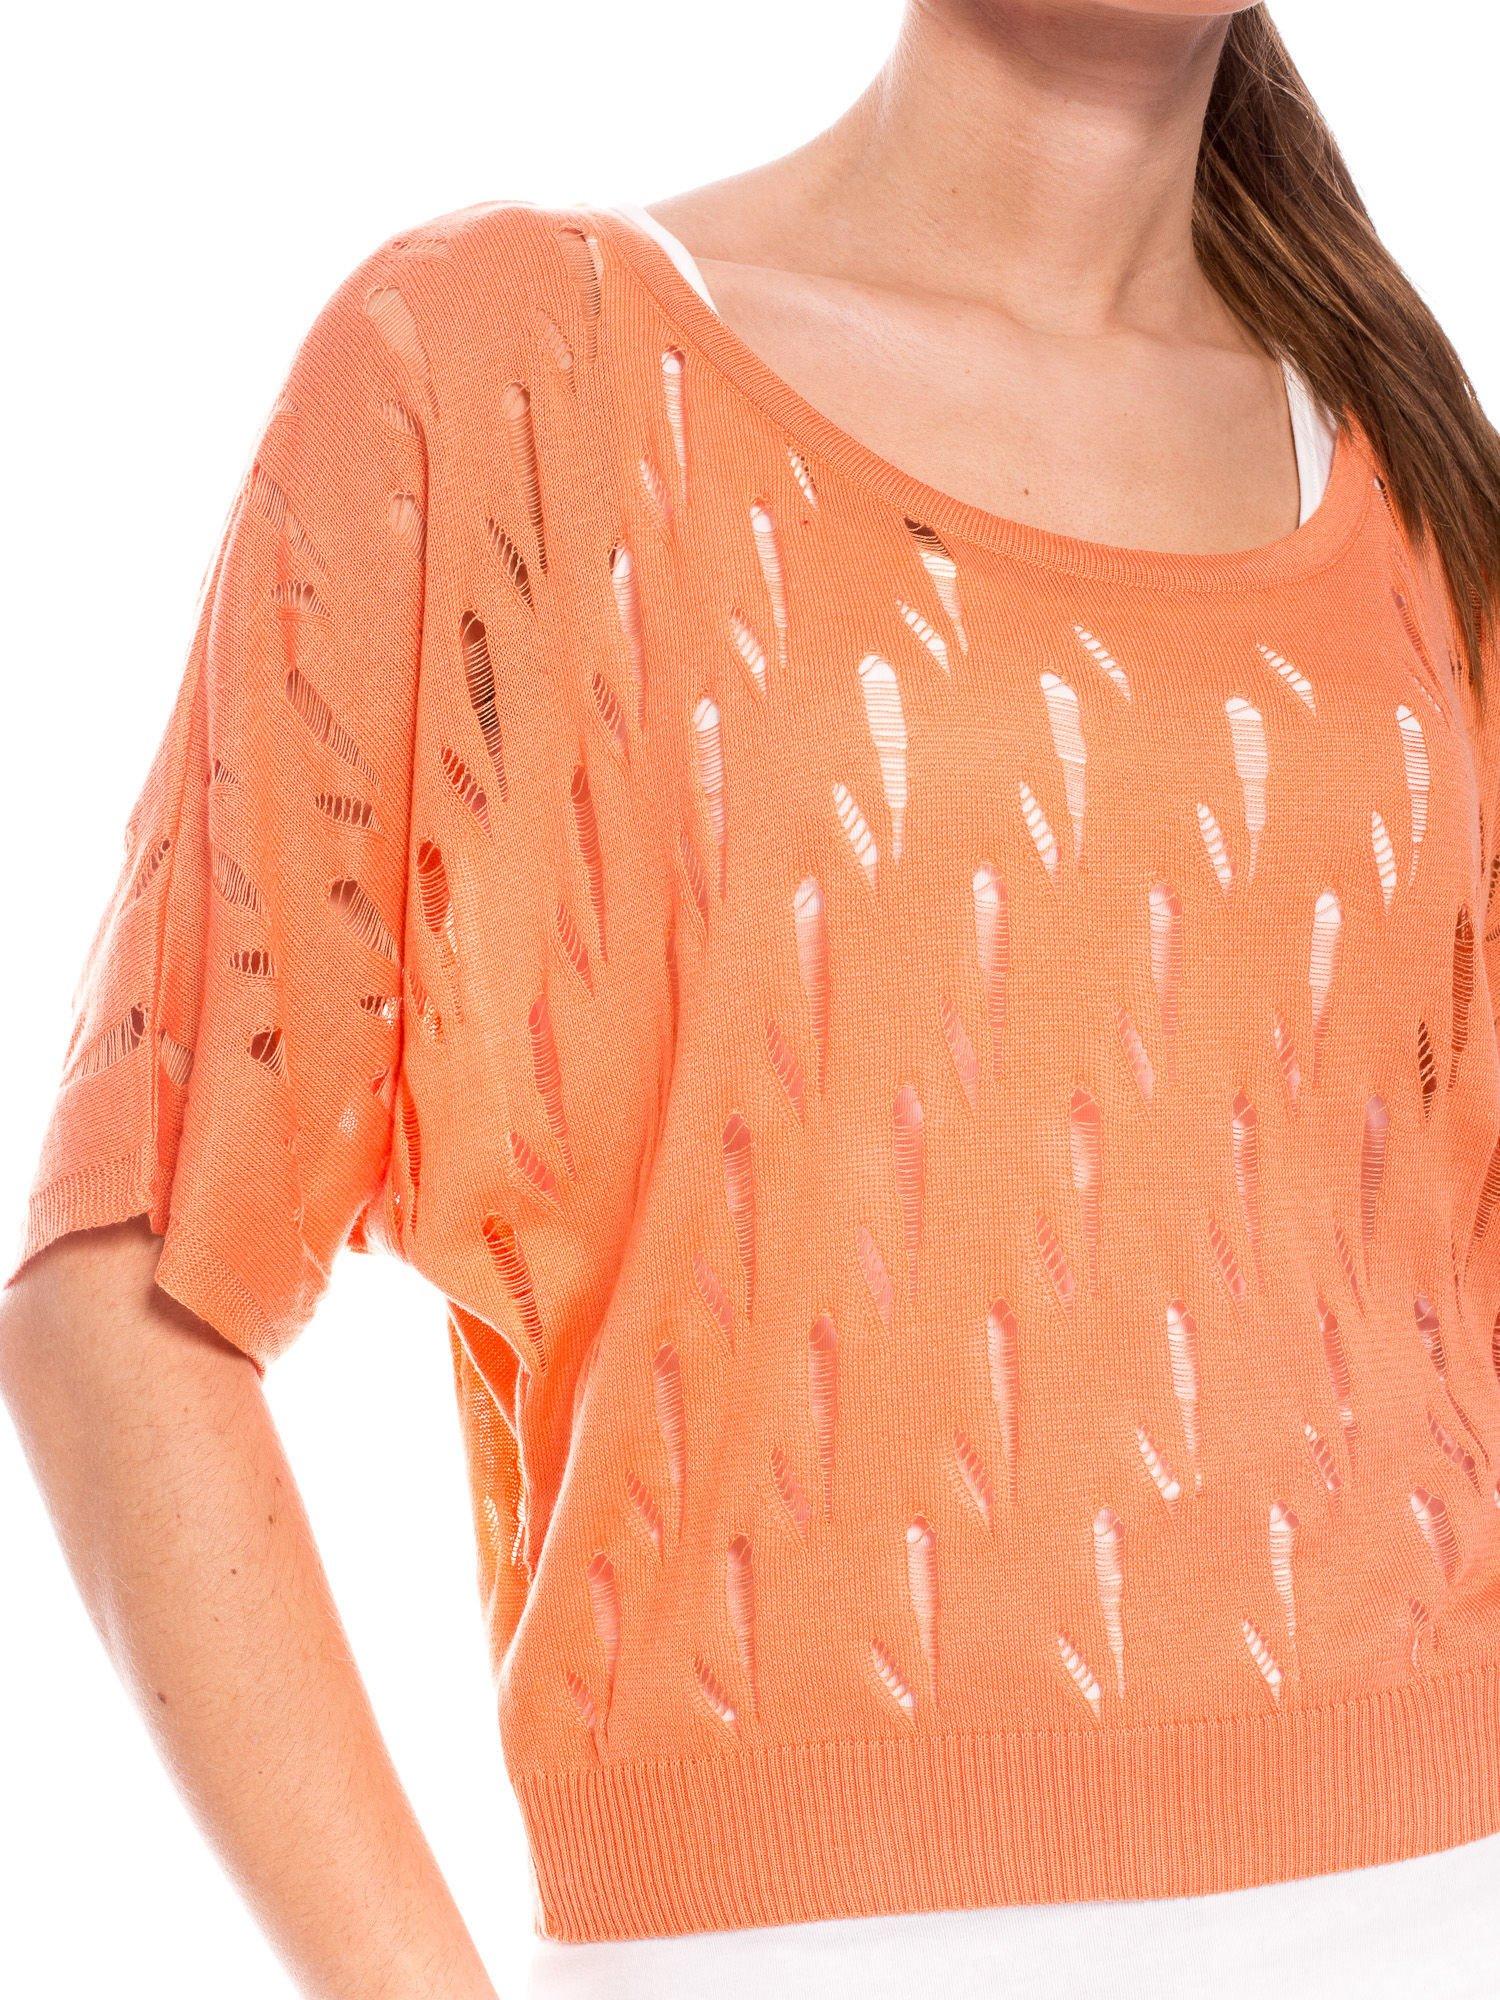 Ciemnożółty krótki ażurowy sweterek                                  zdj.                                  5